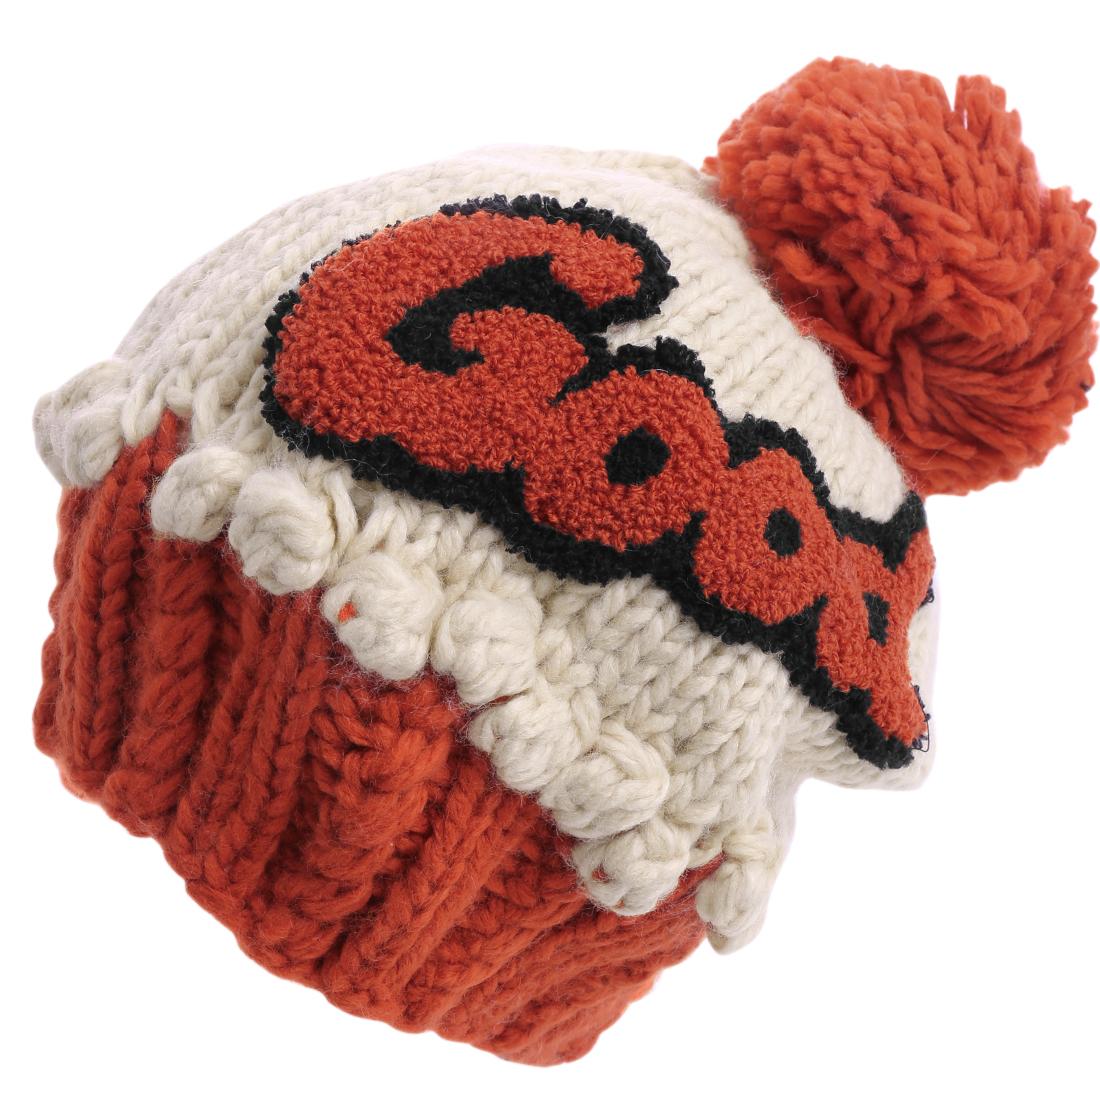 Women Ribbing Knitting Warm Winter Beige Dark Orange Beanie Hat Cap